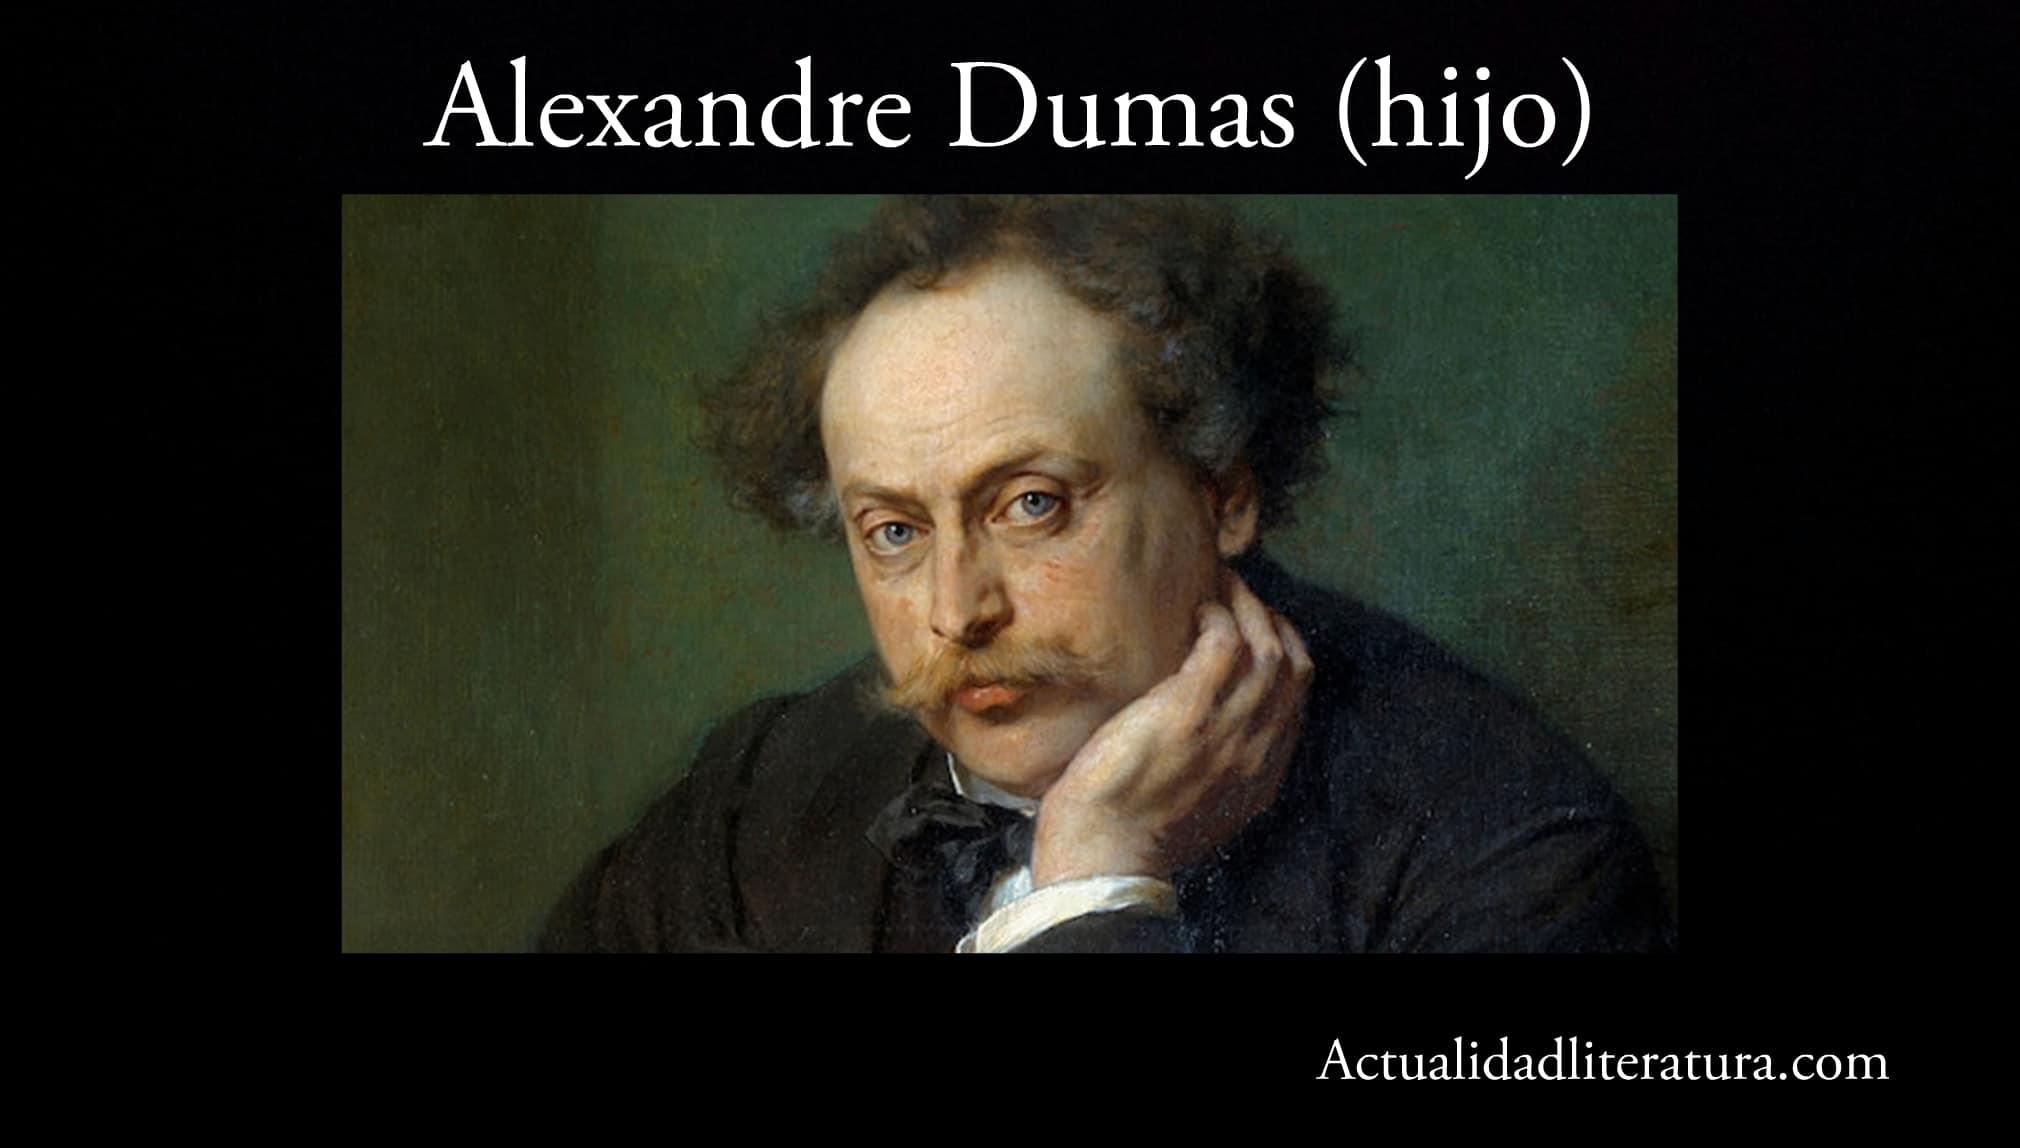 Alexandre Dumas (hijo).